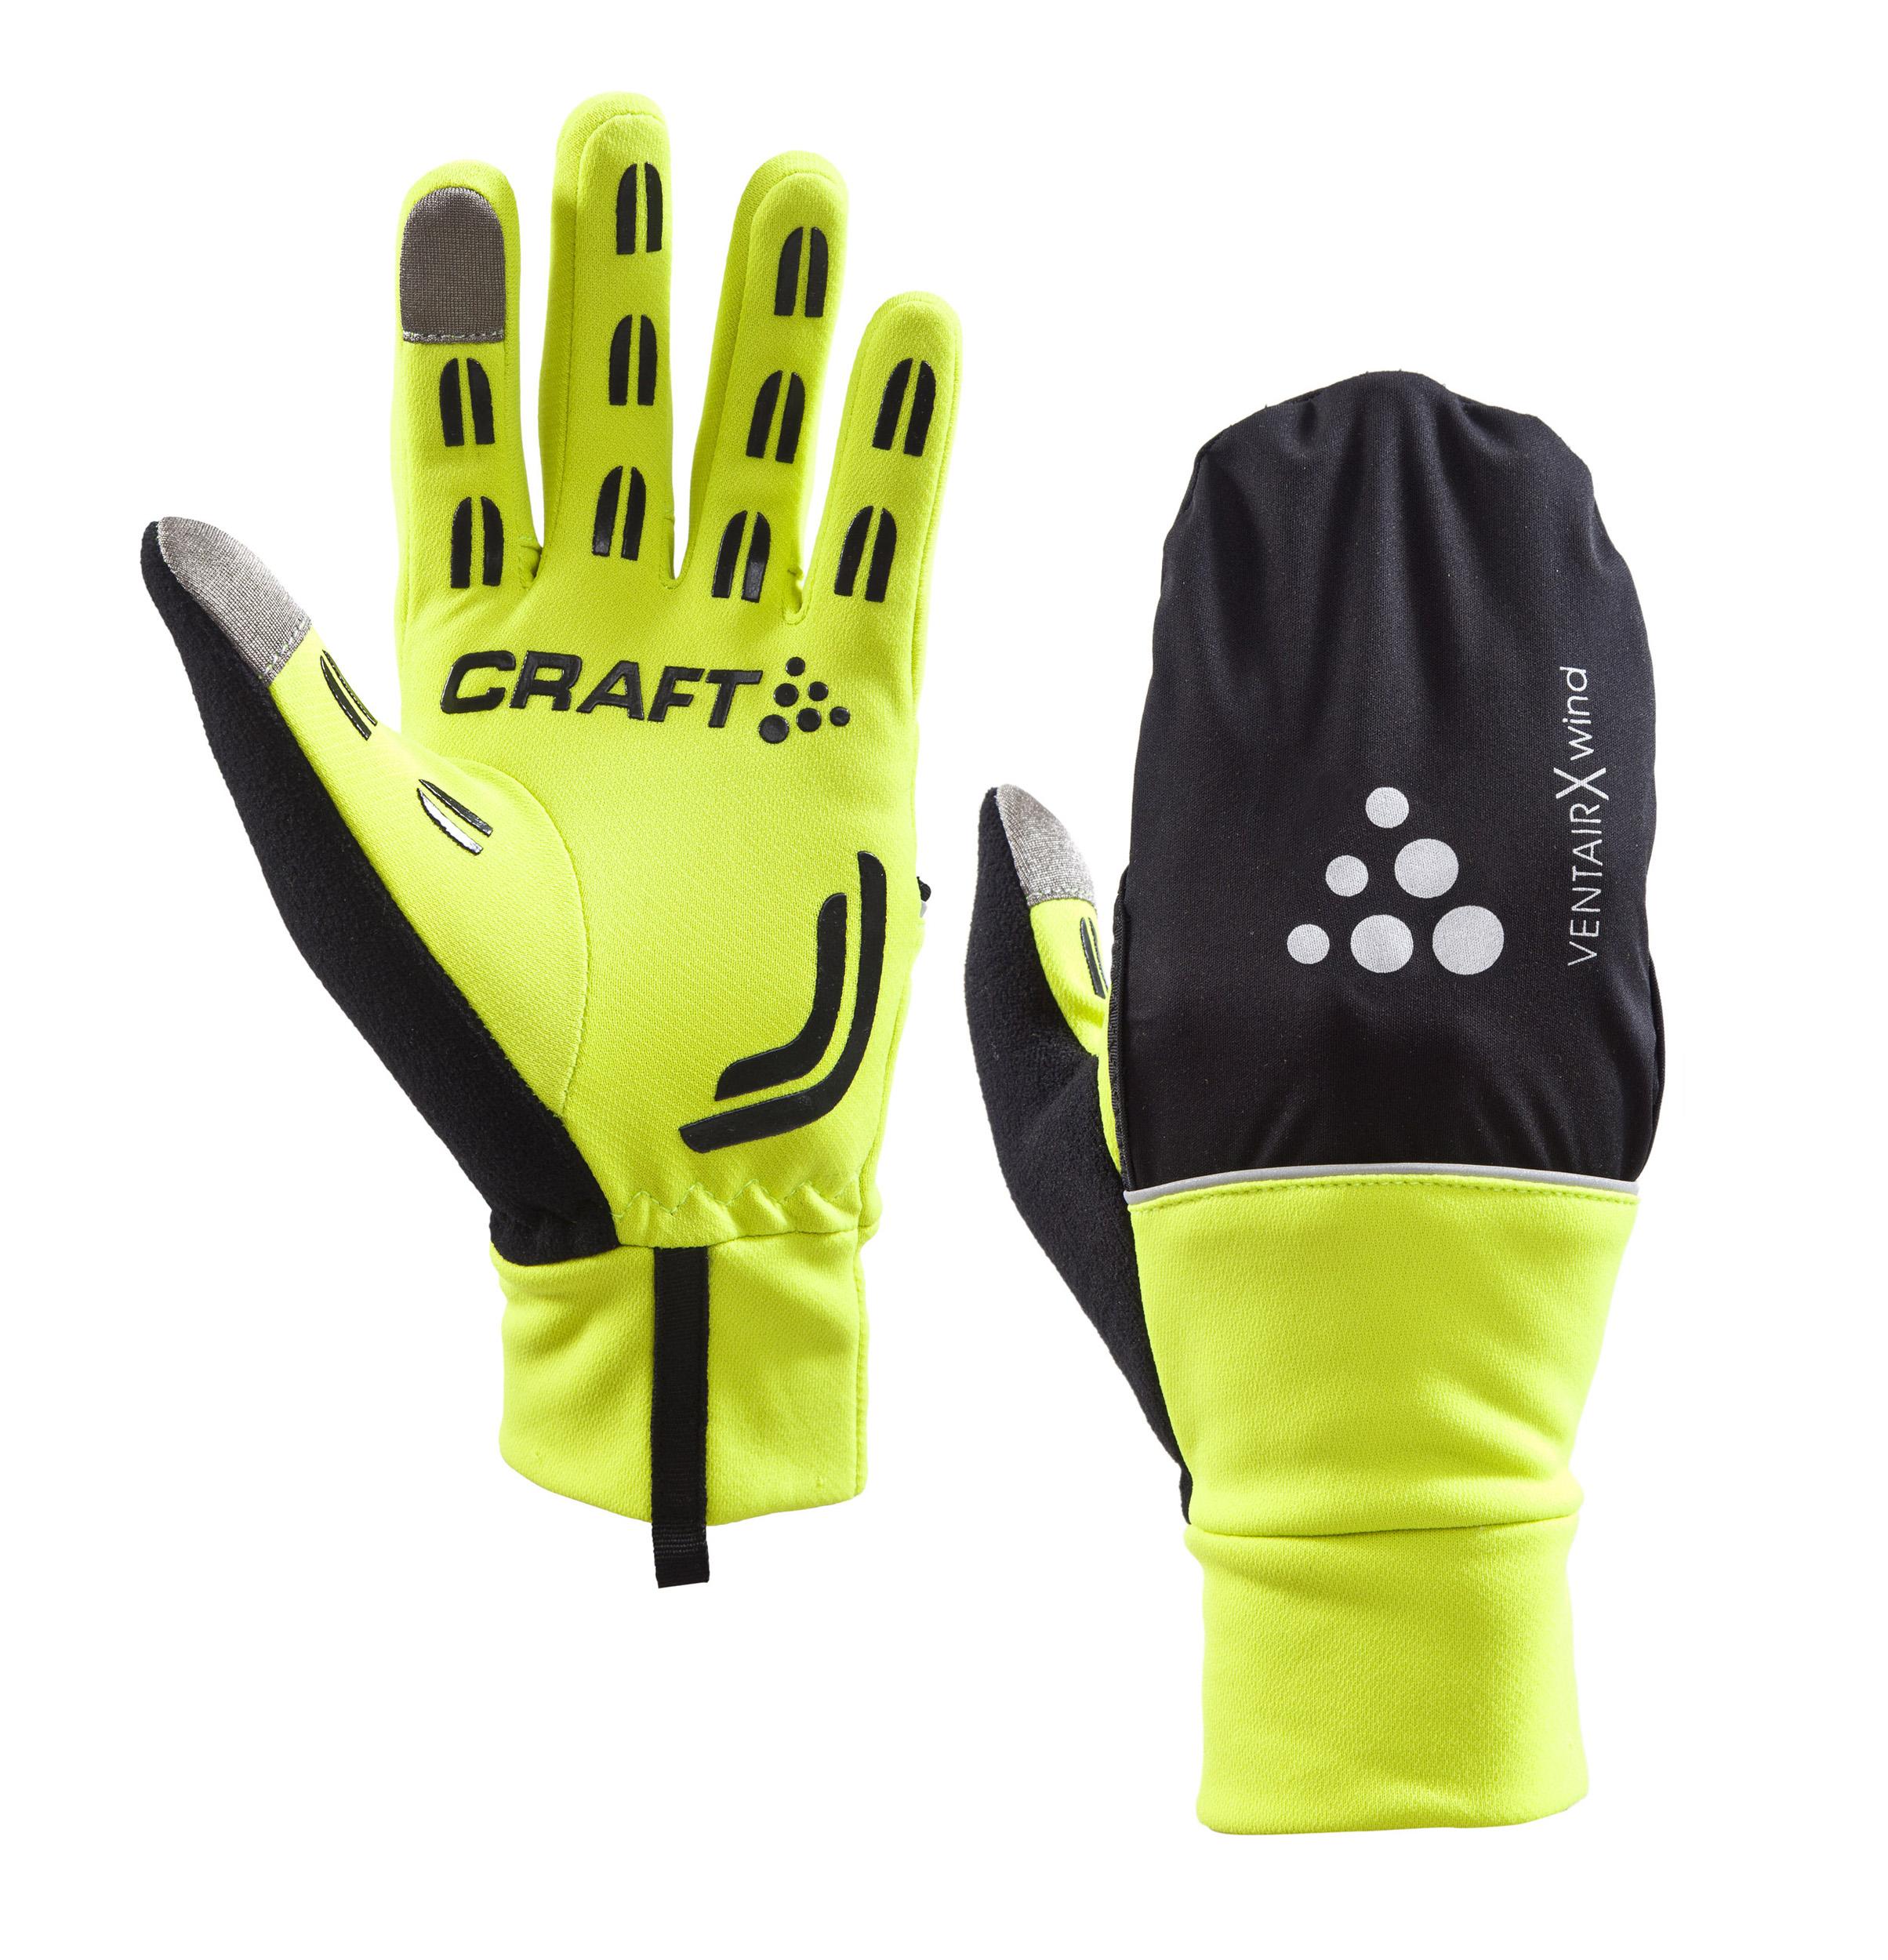 Craft Hybrid Weather Glove fluo | Handsker